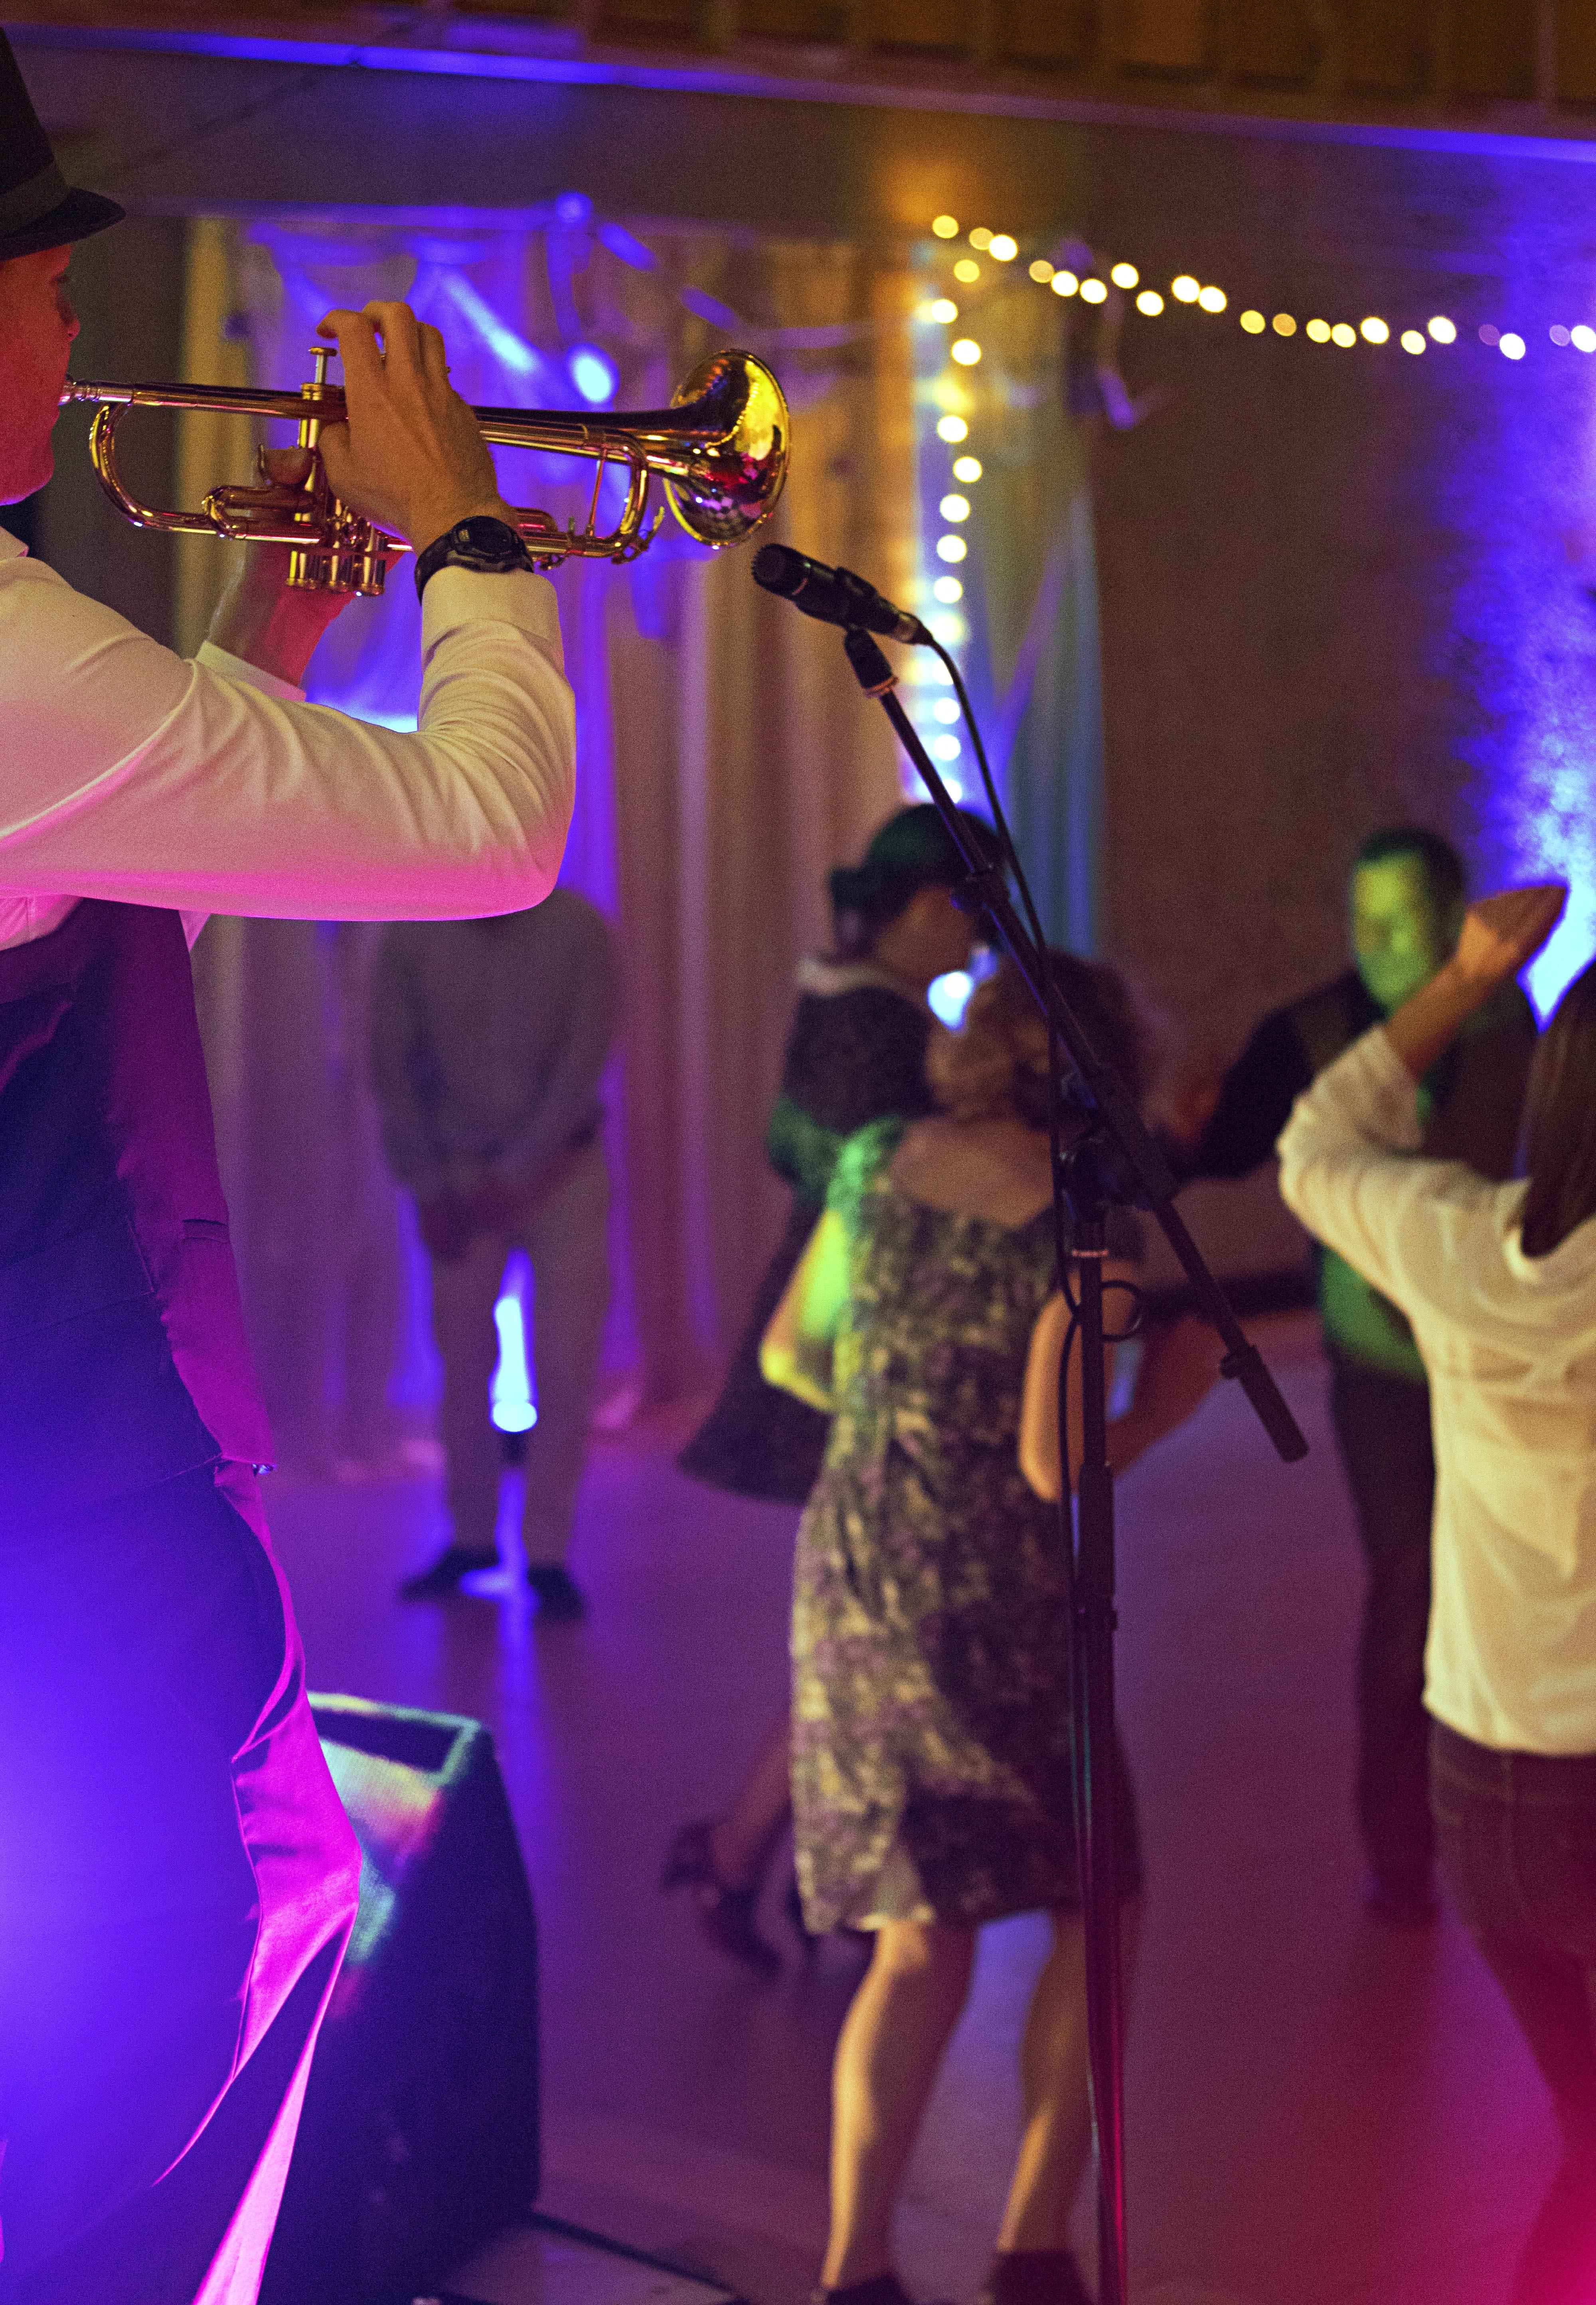 Dan the Trupetman and Dancing Guests